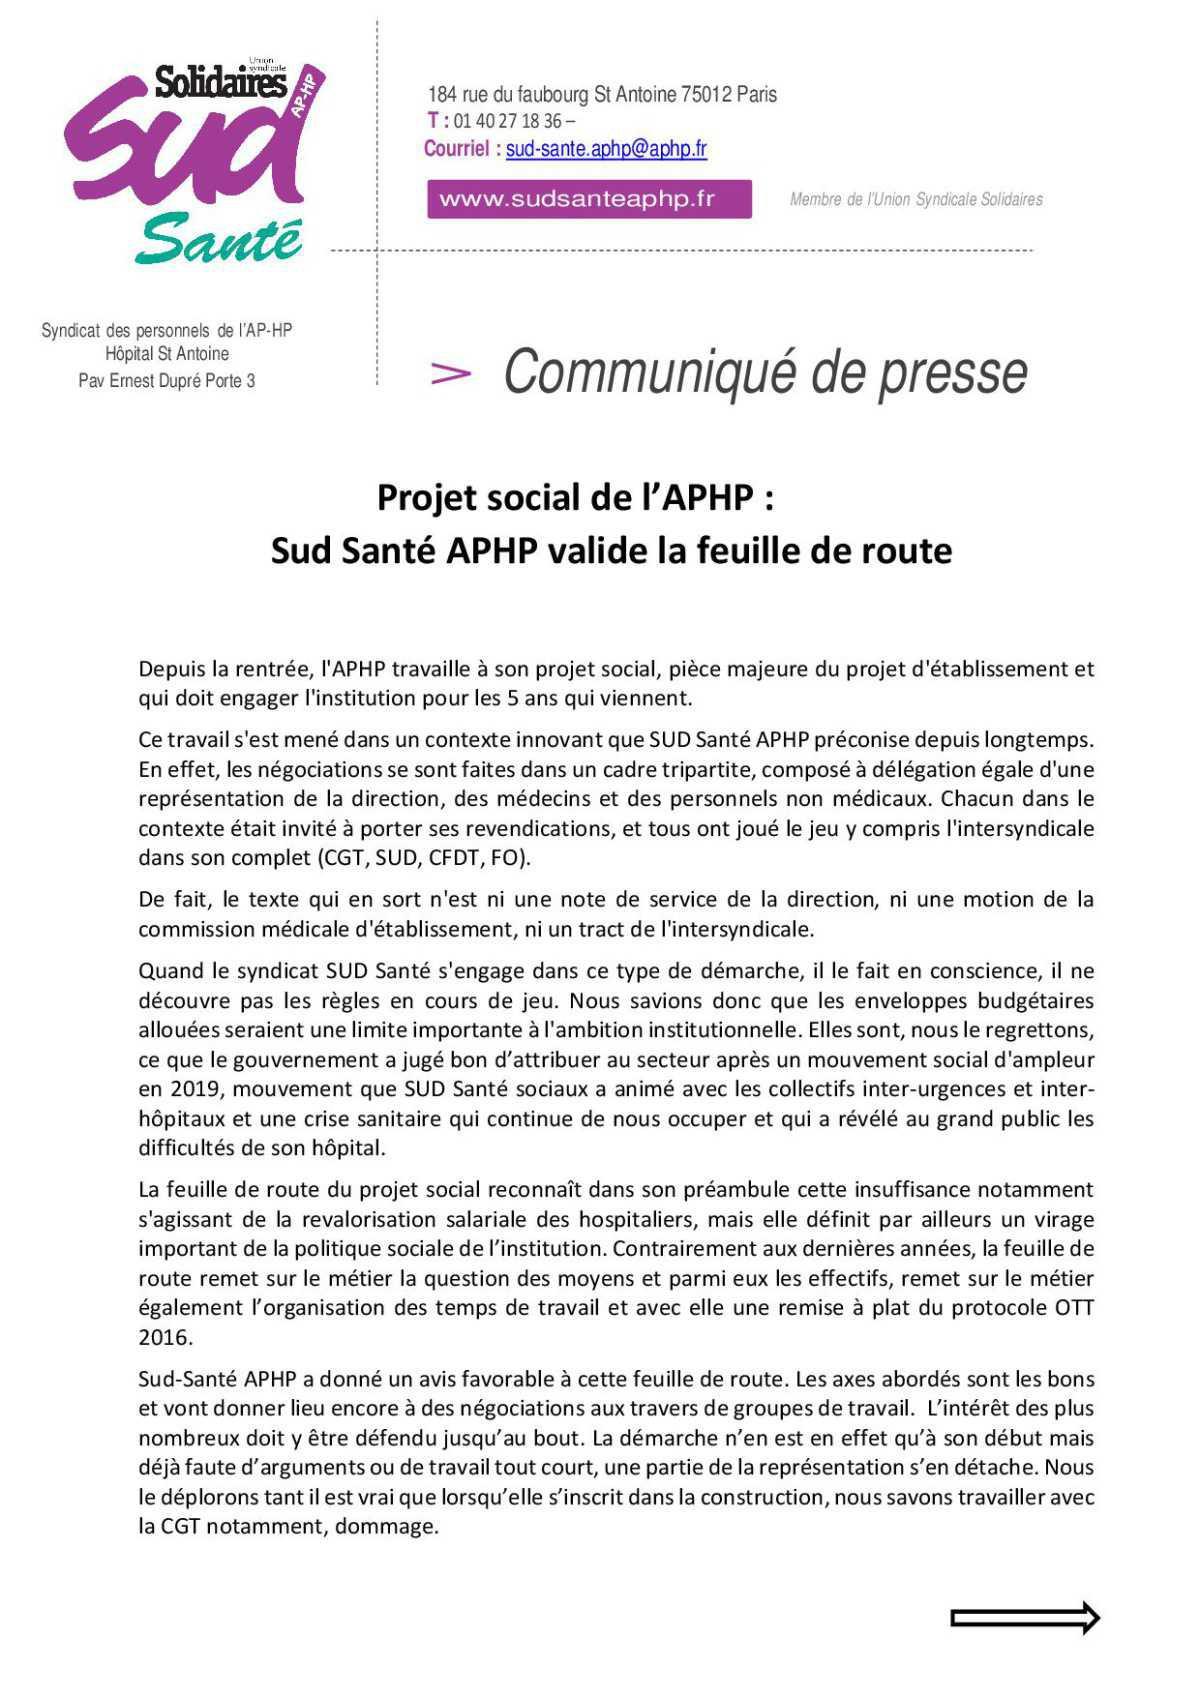 Projet social de l'APHP : Sud Santé APHP valide la feuille de route